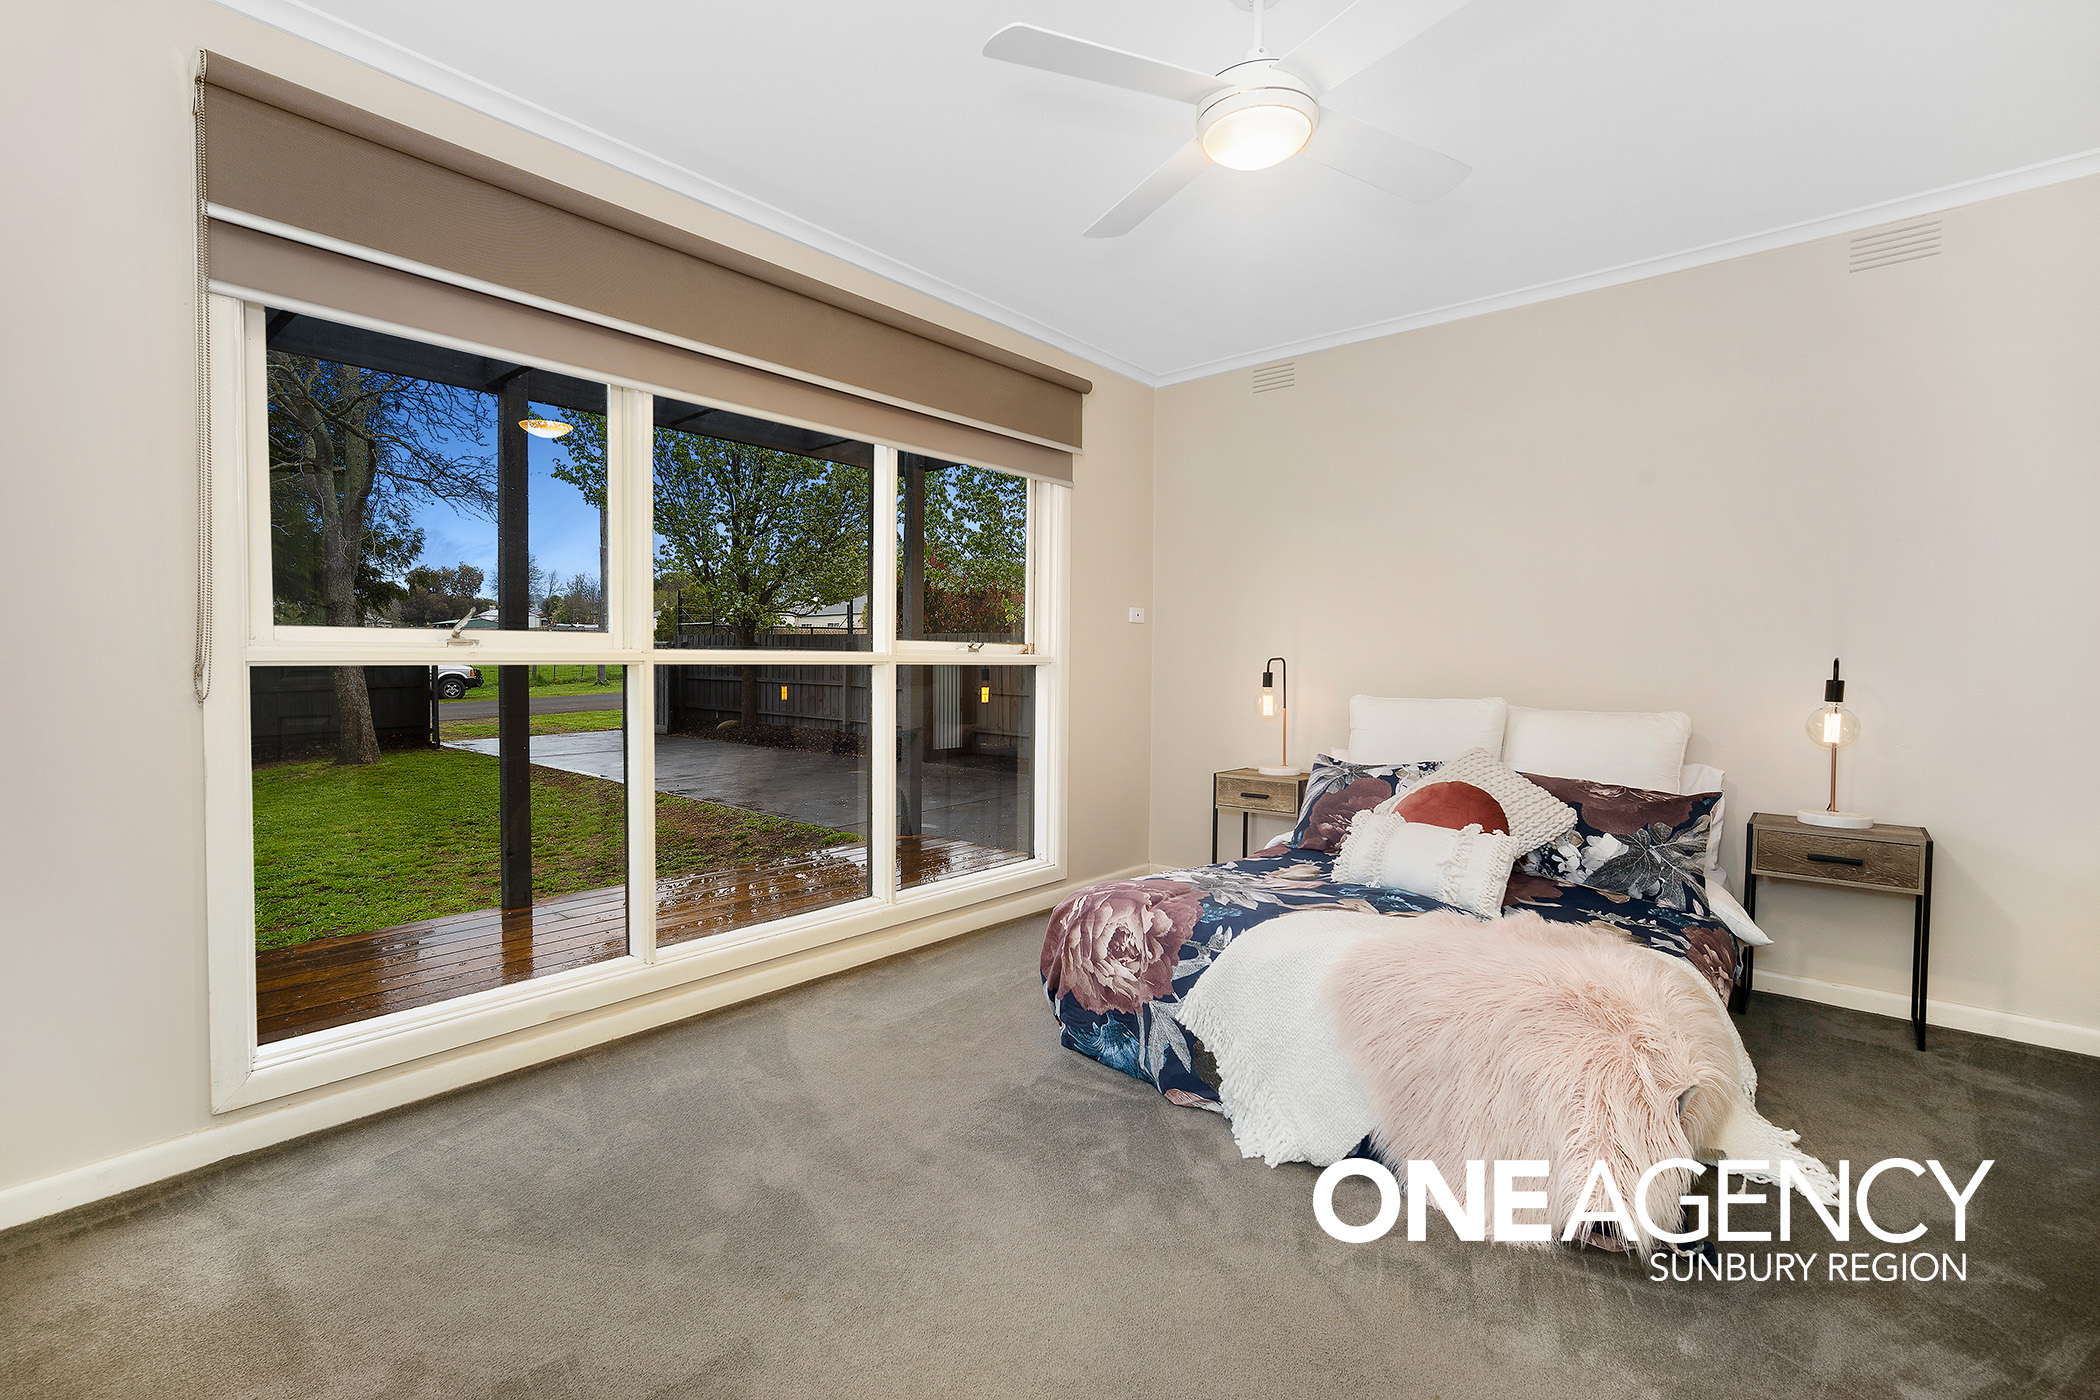 8 Bedroom